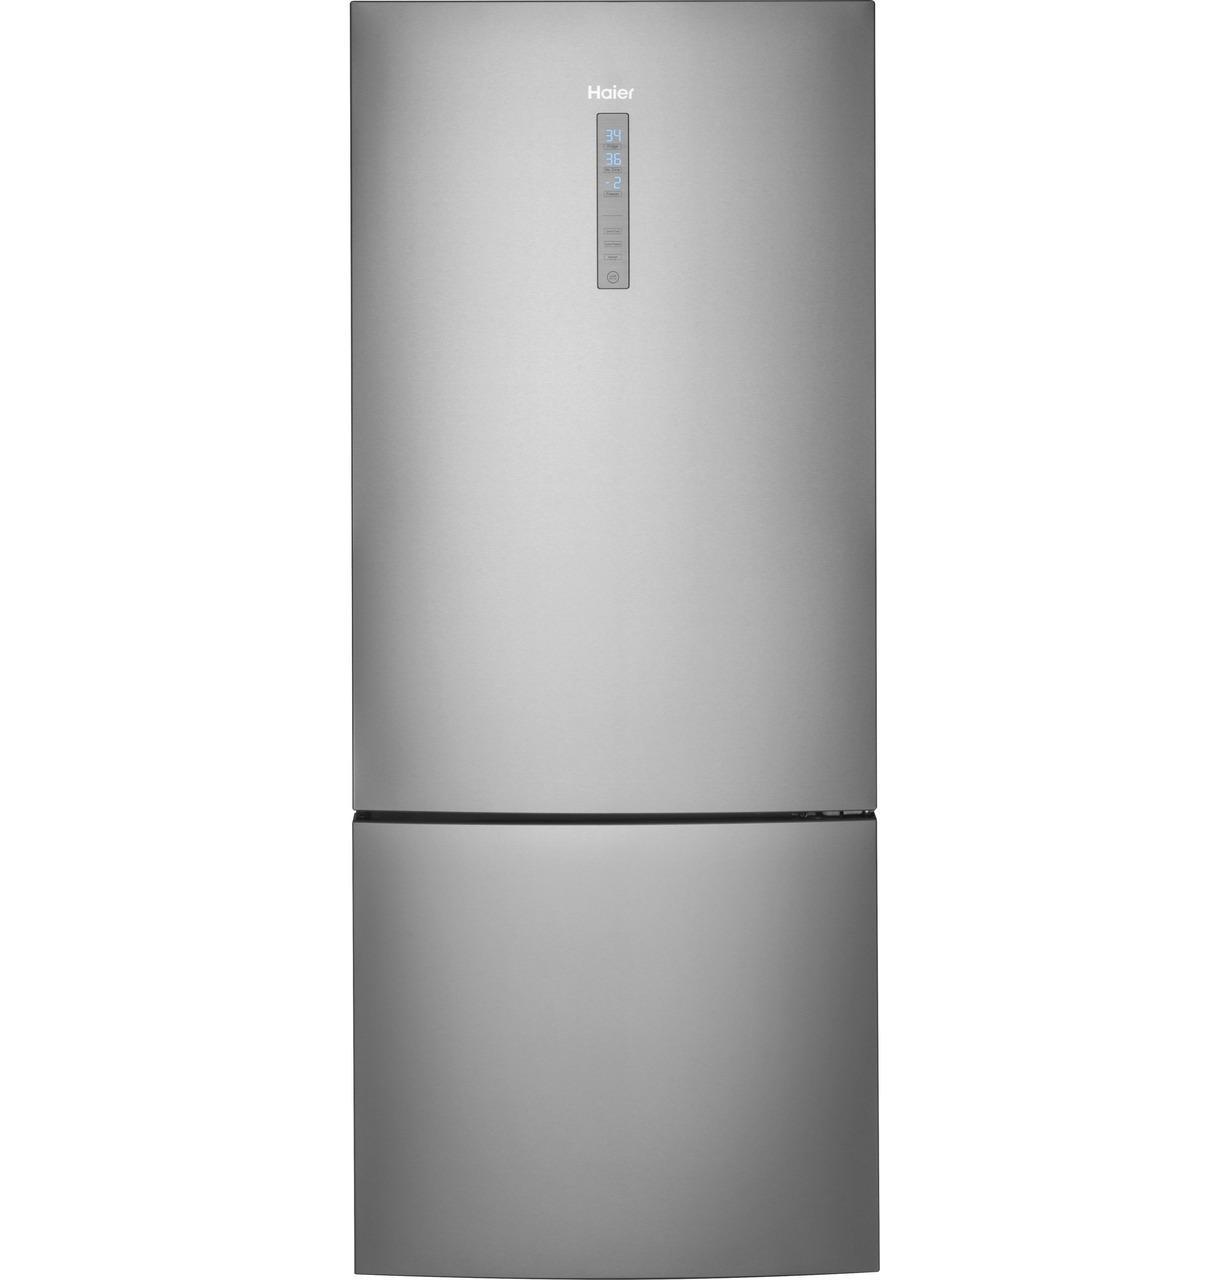 Haier15 Cu. Ft. Bottom Freezer Refrigerator